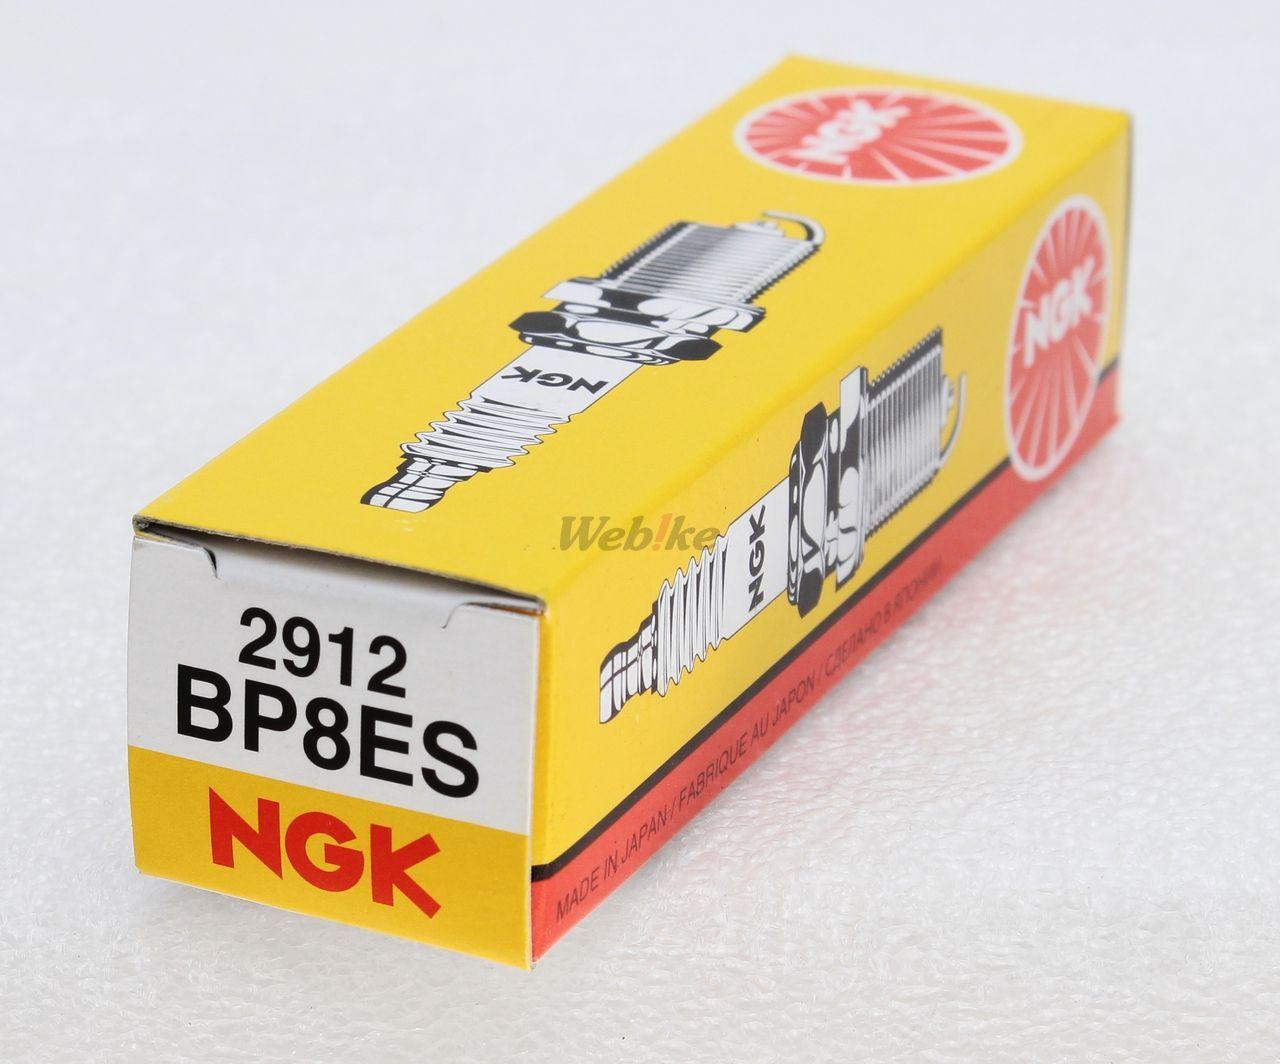 【NGK】標準型 火星塞 BP8ES 2912 - 「Webike-摩托百貨」